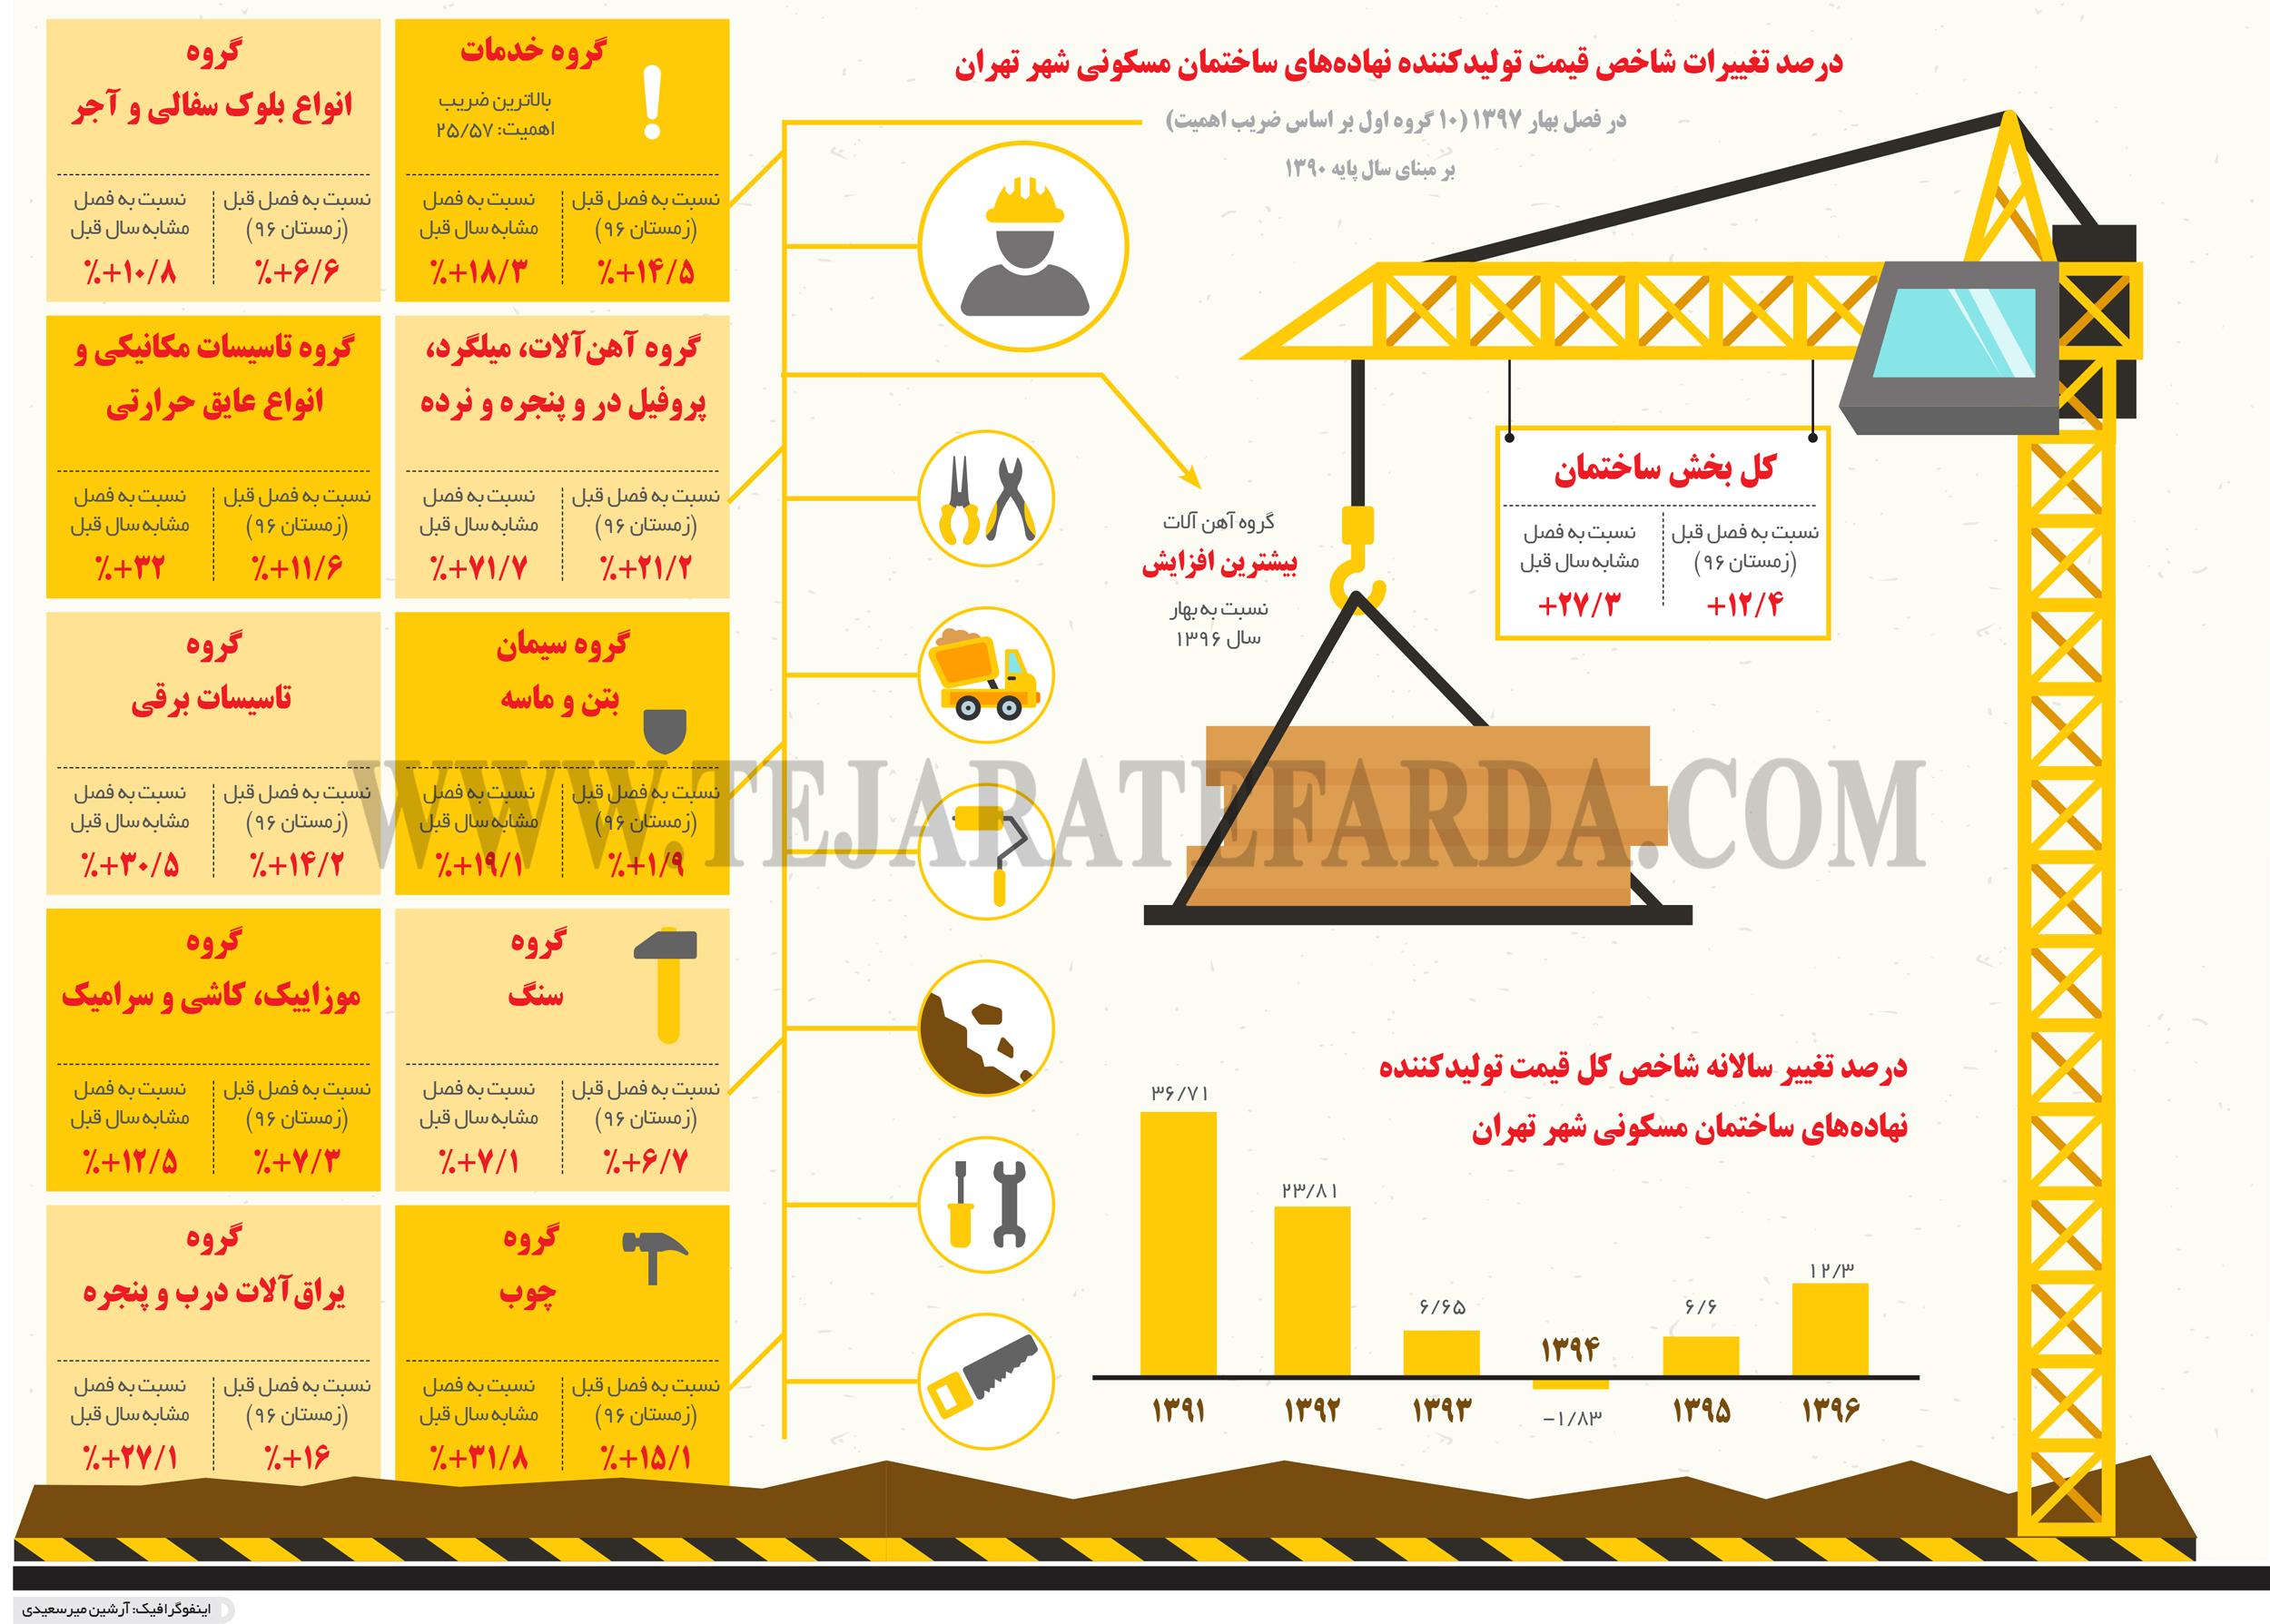 تجارت فردا- اینفوگرافیک- درصد تغییرات شاخص قیمت تولیدکننده نهادههای ساختمان مسکونی شهر تهران